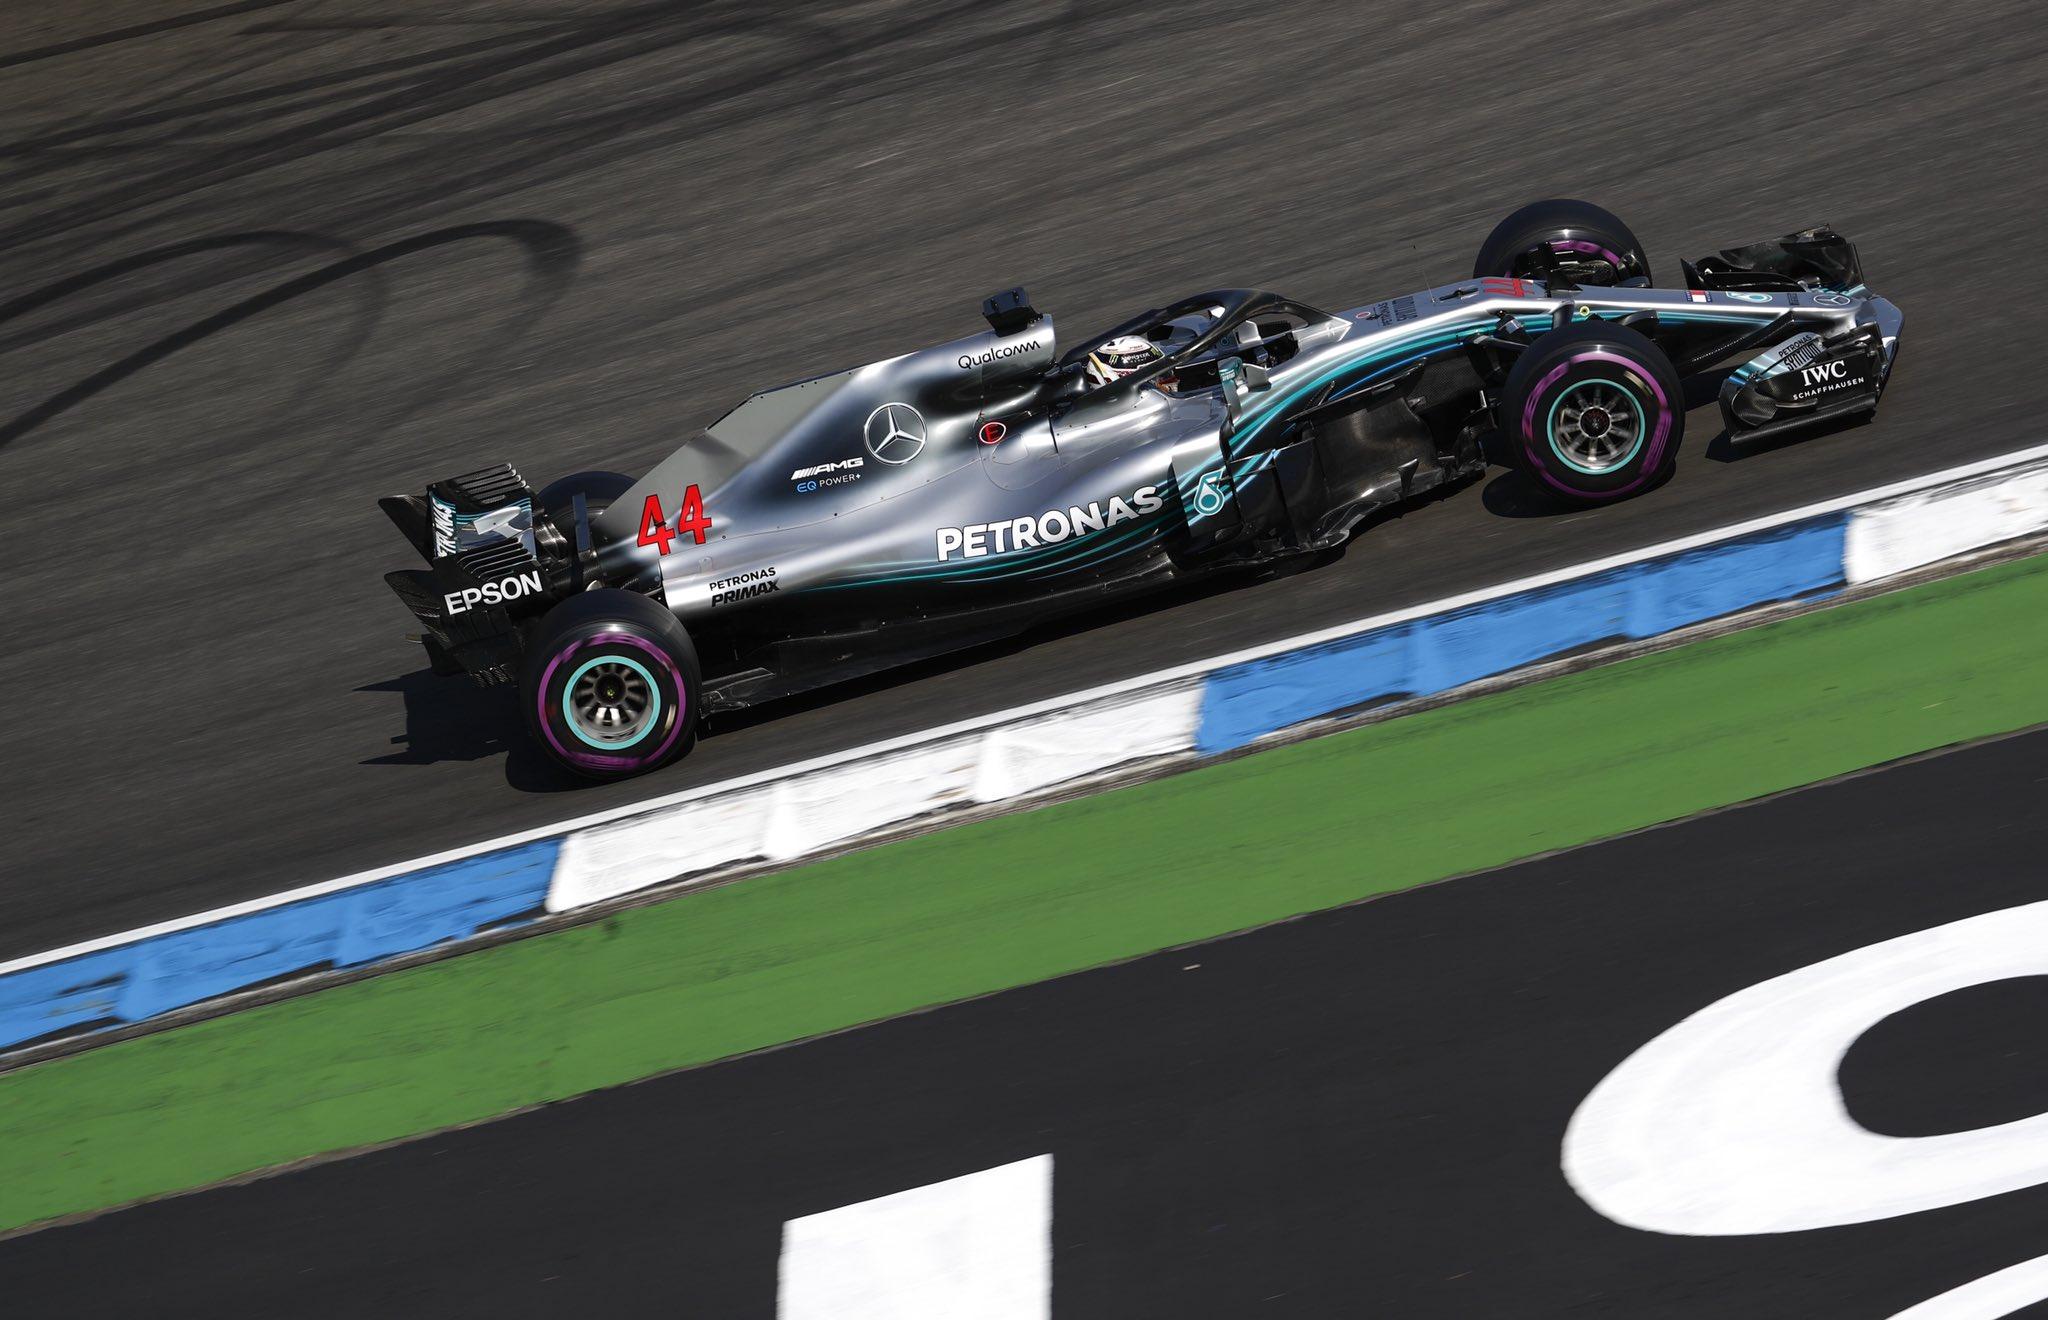 Льюис Хэмилтон - лидер чемпионата мира по Формуле-1 по итогам гран-при Германии 2018 года